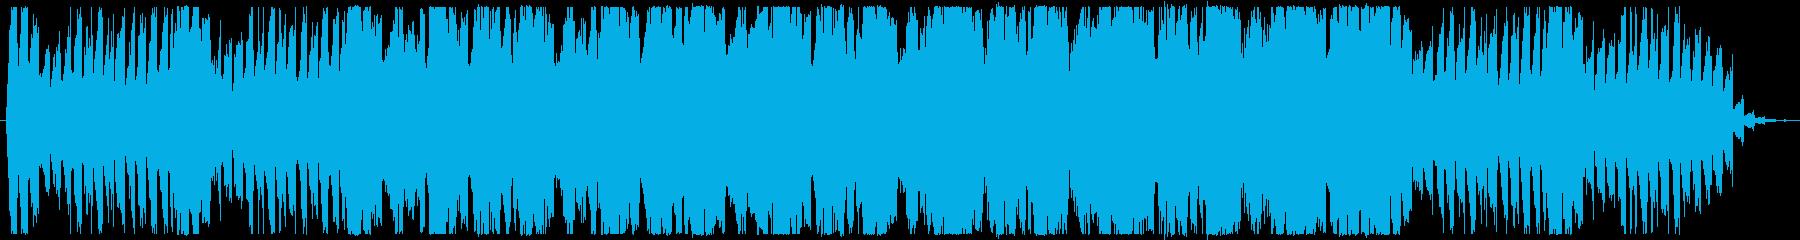 叙情的/退廃的/ダーク/綺麗な曲の再生済みの波形